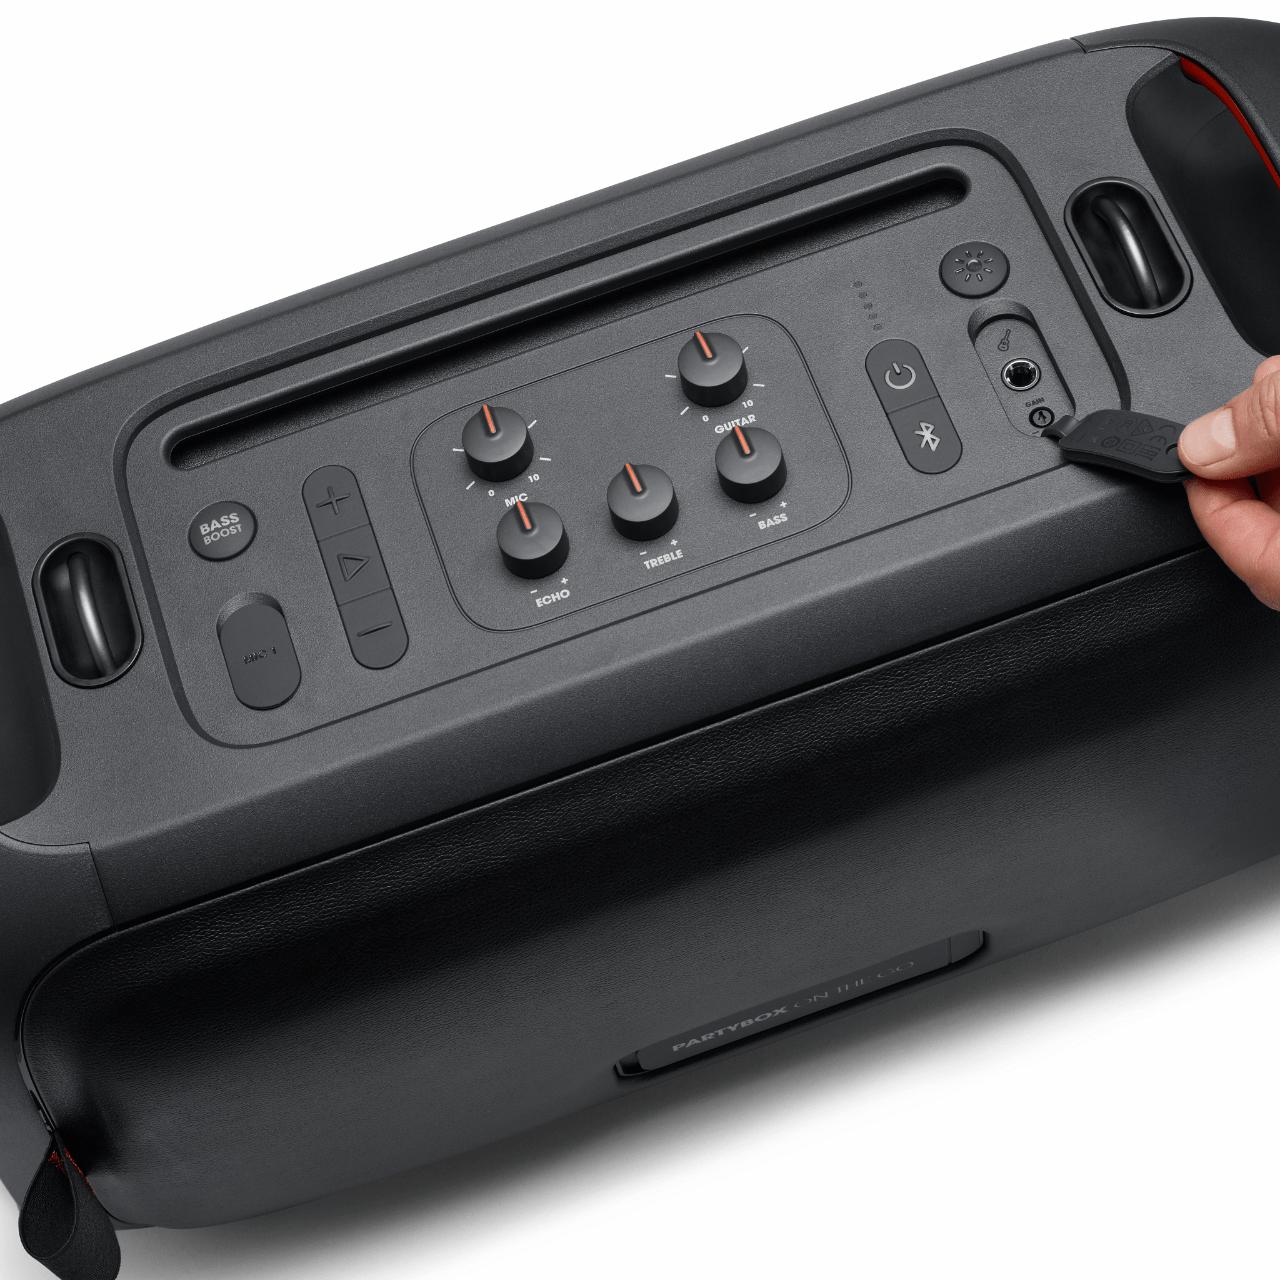 I nuovi speaker JBL PartyBox e PartyBox 310 sono ora disponibili